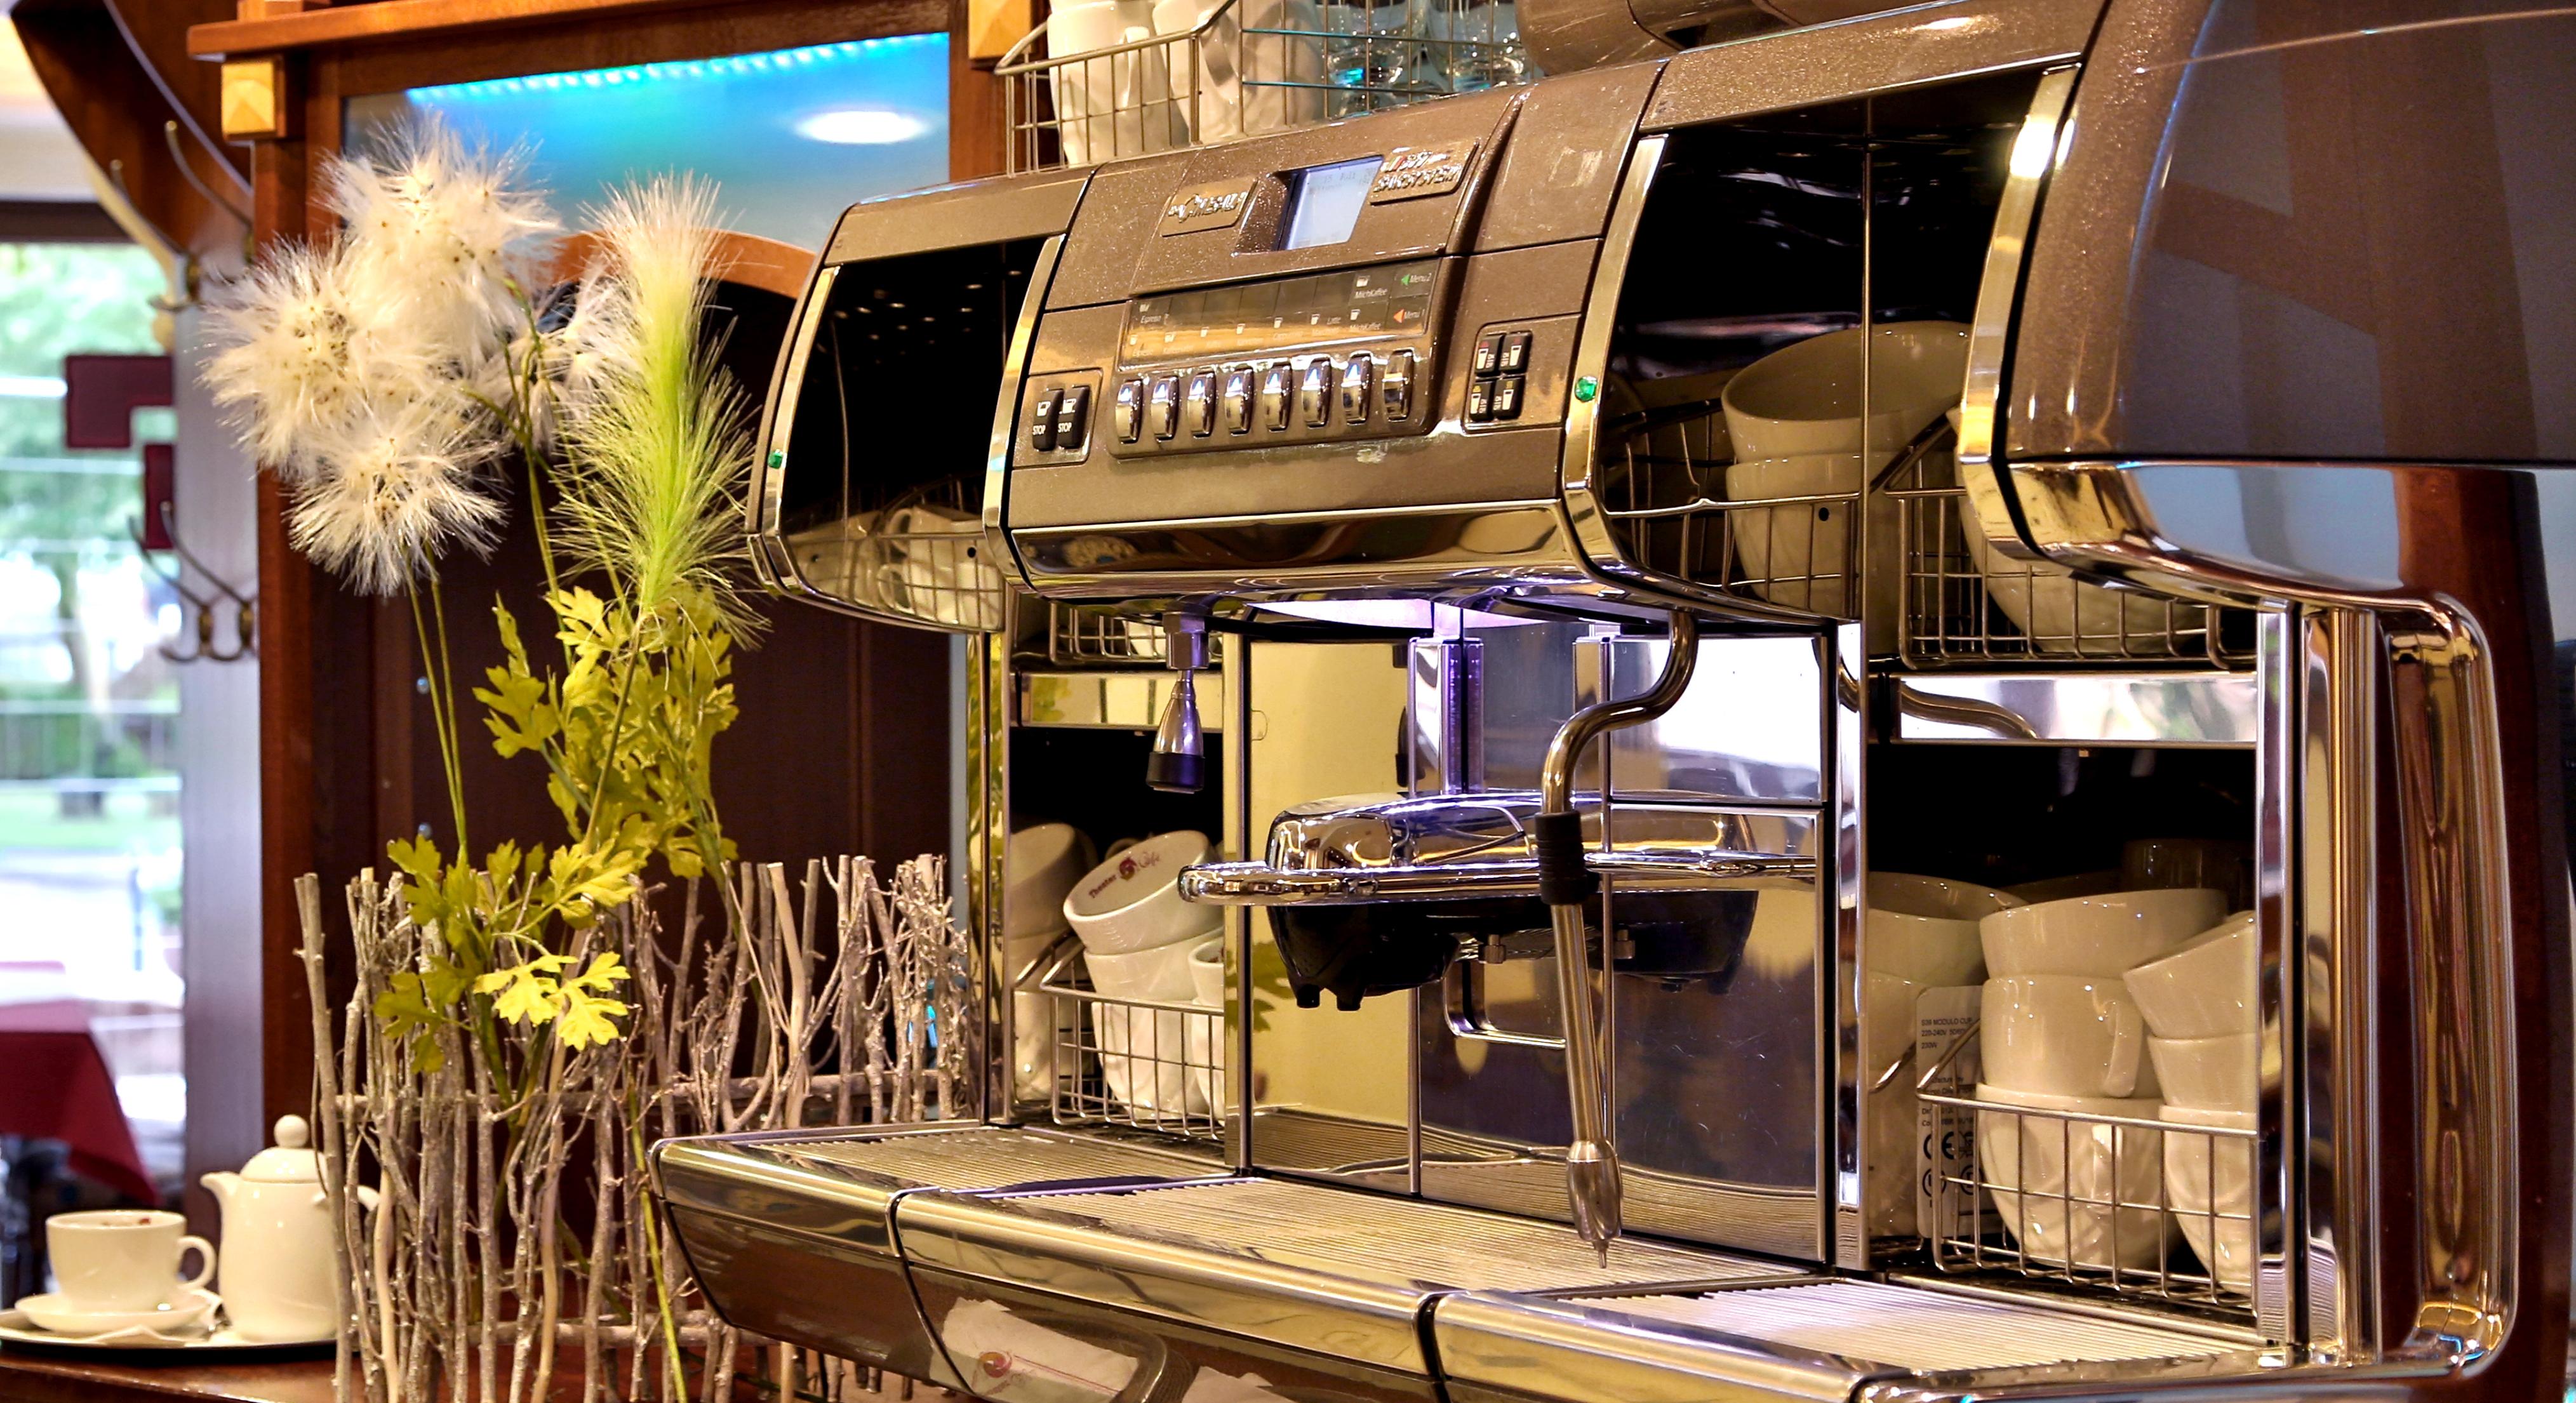 Dies ist die Italienische Kaffemaschiene im Theaterkafe Dolce Vita